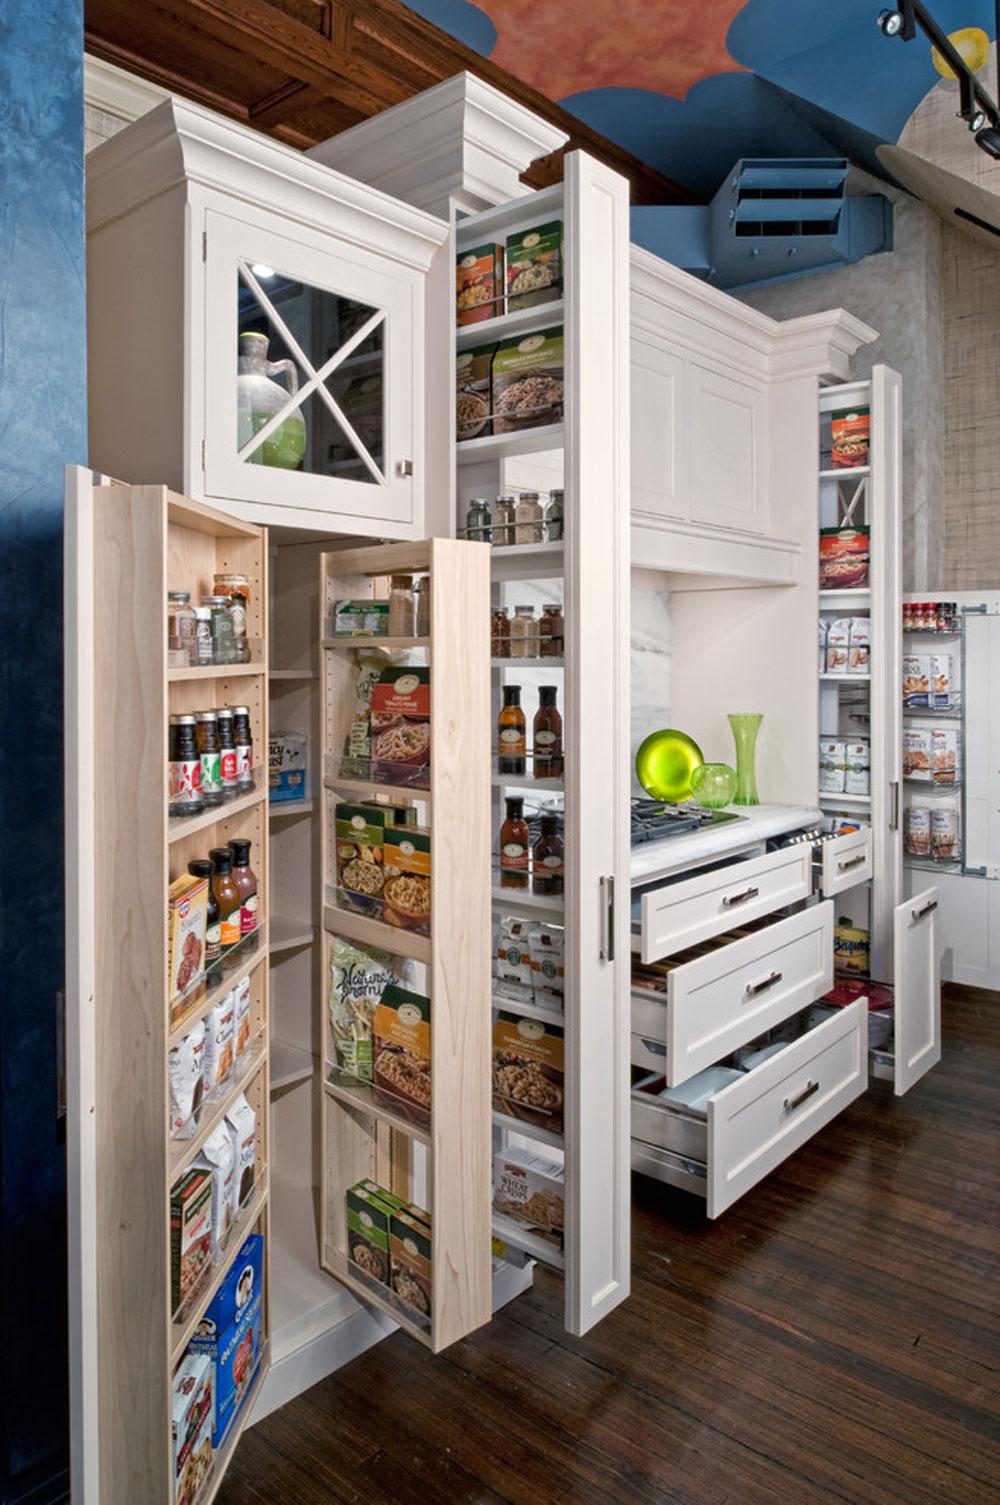 Bergen-County-NJ-Classic-White-Kitchen-by-The-Hammer-Nail-Inc.  Idéer för skafferi: hyllor och förvaringsidéer för ditt kök